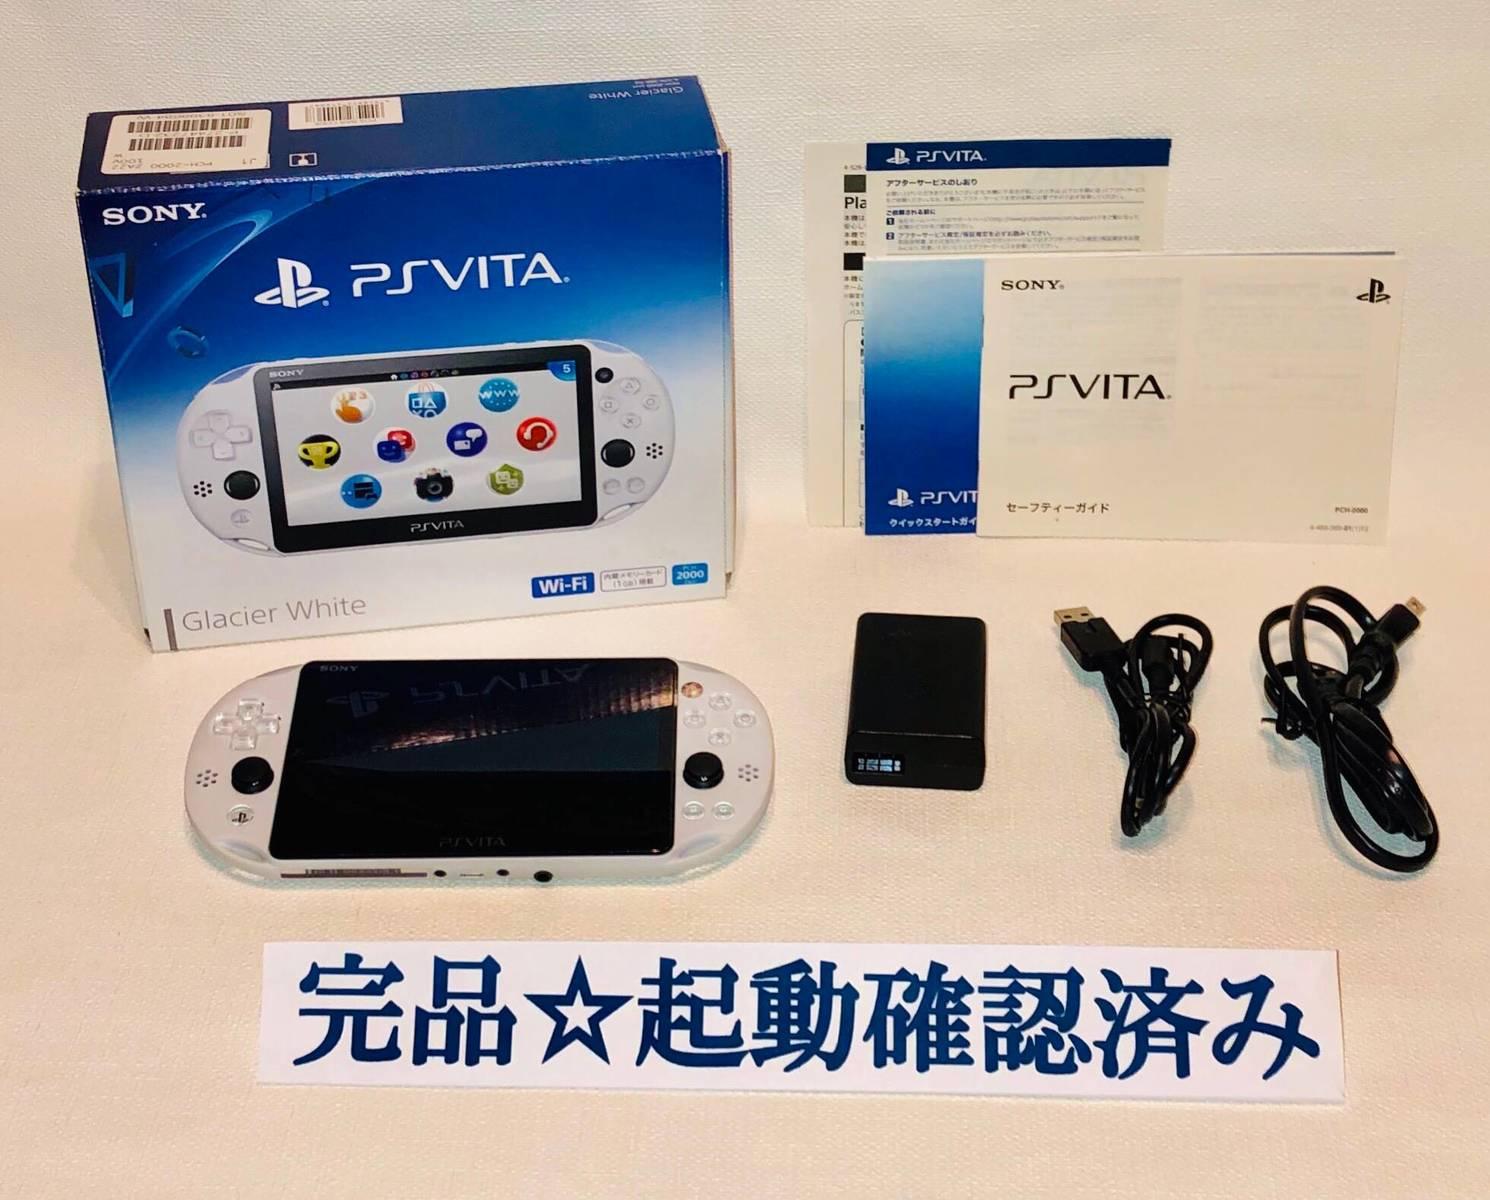 【中古品美品♪】PlayStation Vita Wi-Fiモデル グレイシャー・ホワイト(PCH-2000ZA22) 【送料無料】◆内容:本体、ACアダプター、ケーブル、USBケーブル、印刷物3種類の完品です♪◆